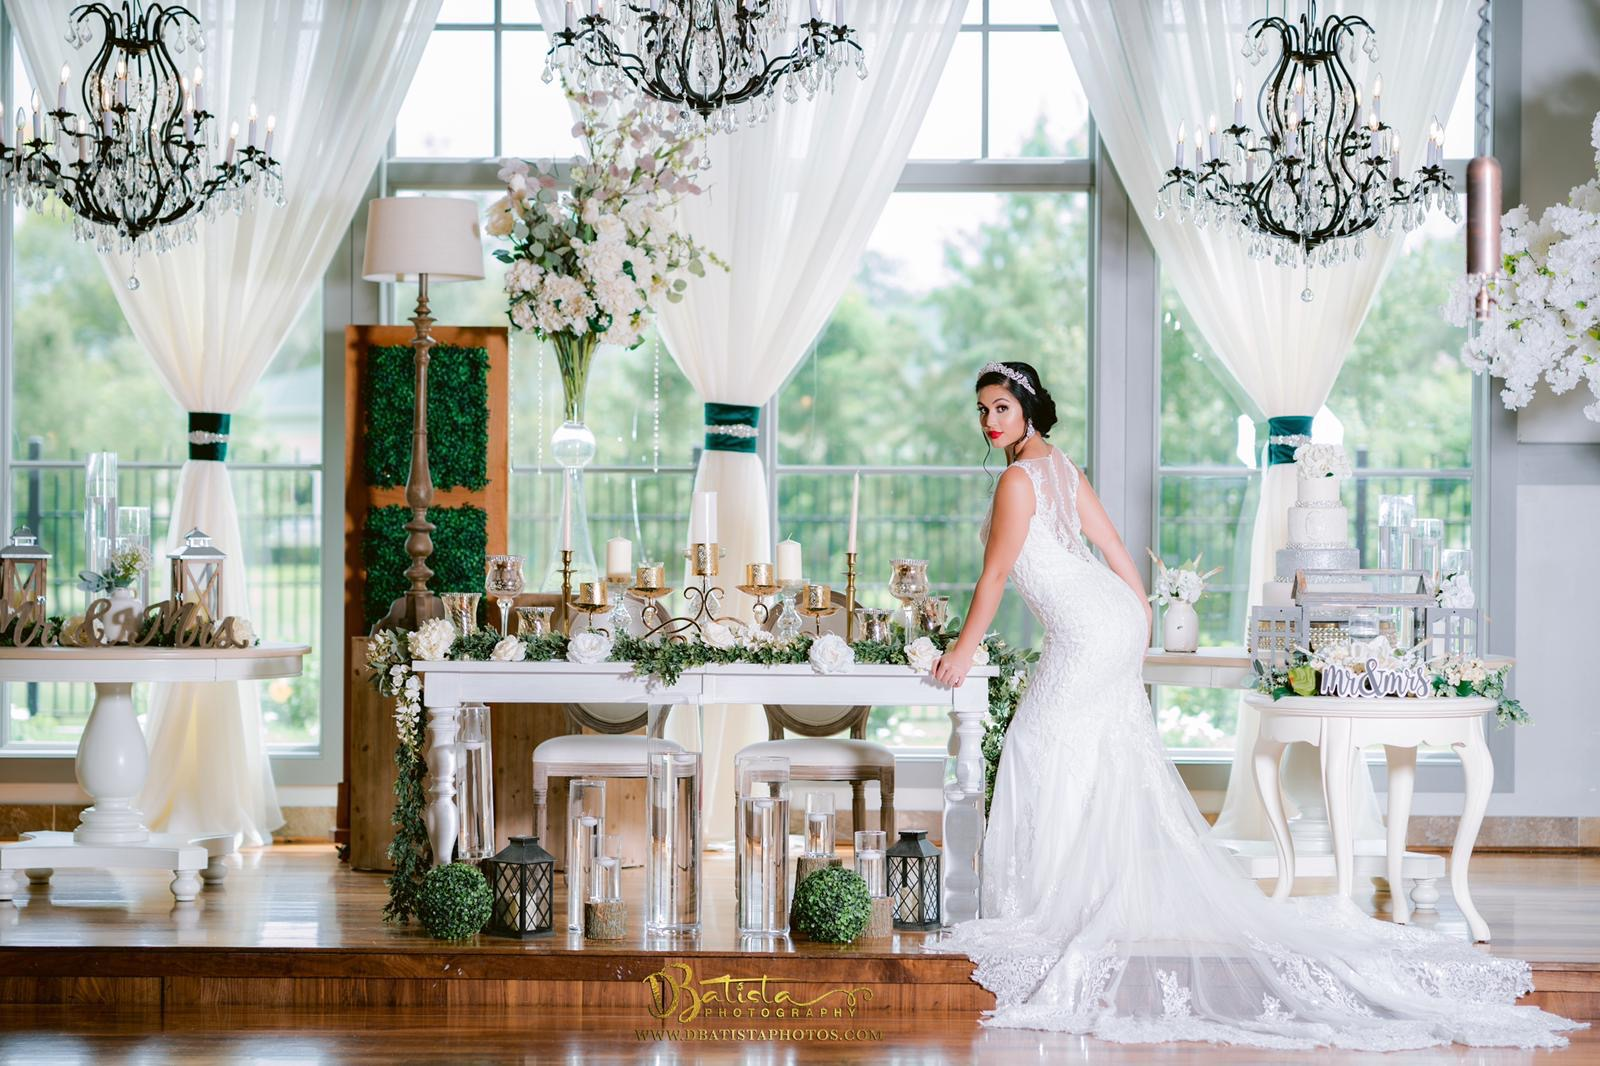 Lake Mary Wedding Venues